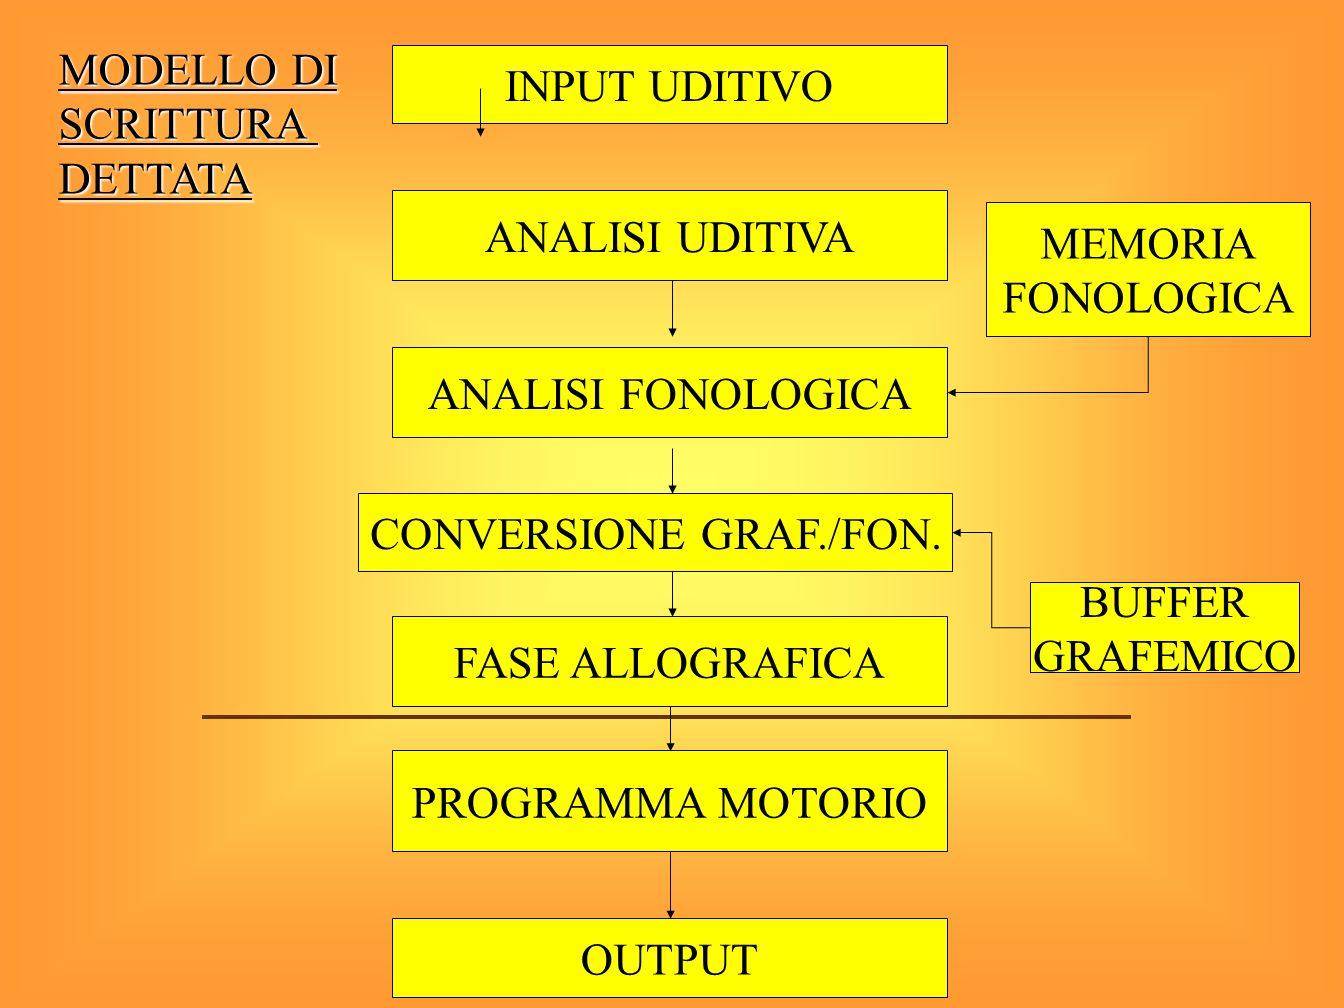 MODELLO DI INPUT UDITIVO SCRITTURA DETTATA ANALISI UDITIVA MEMORIA